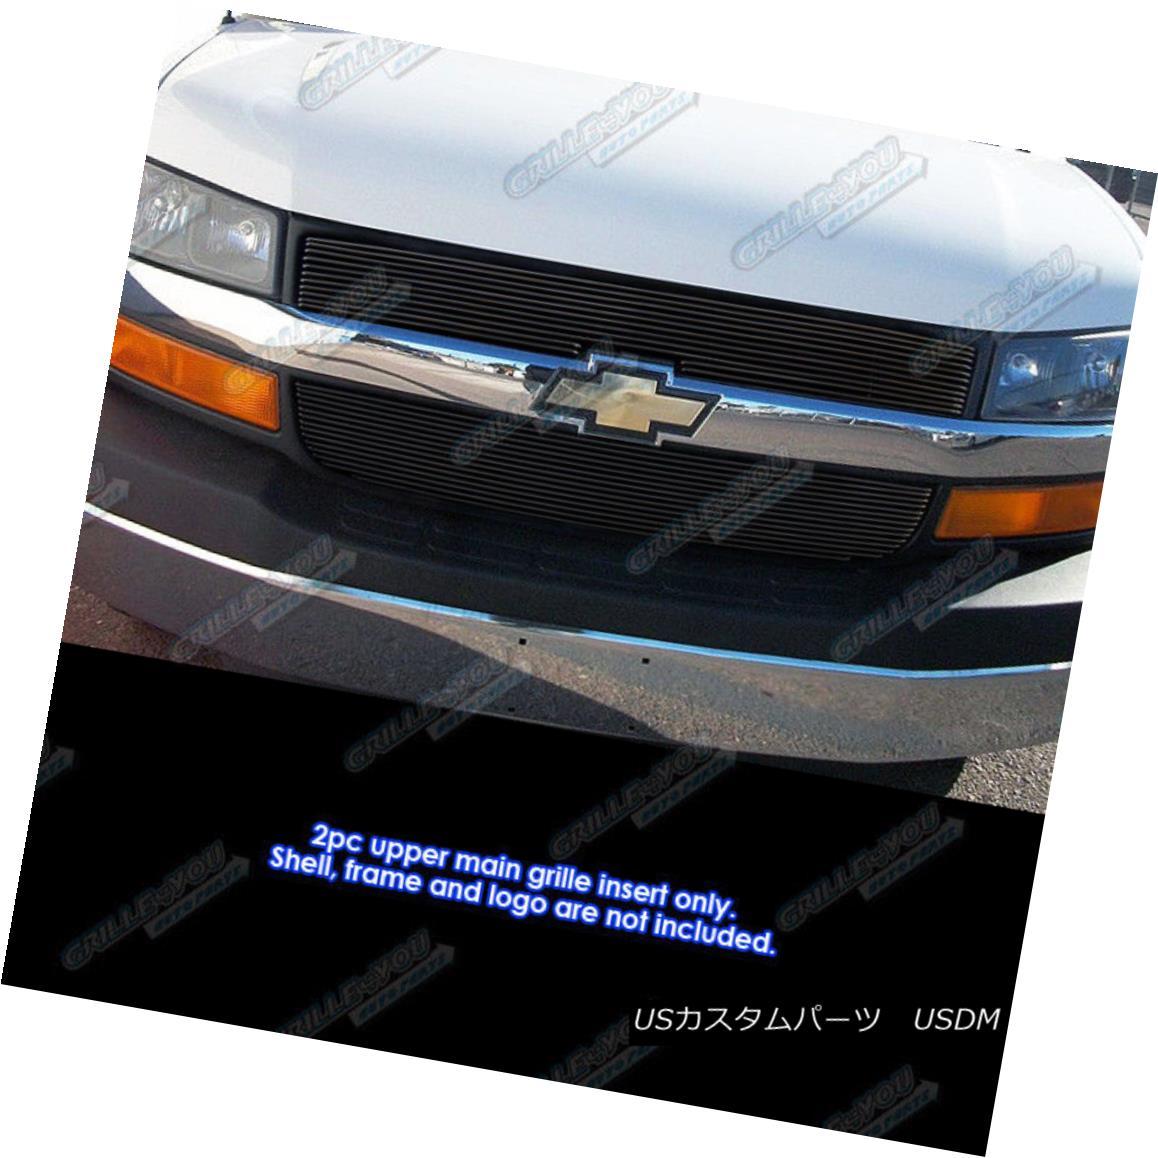 グリル Fits 2003-2016 Chevy Express Explorer Conversion Van Black Billet Grille 2003?2016年Chevy Expressエクスプローラコンバージョンヴァンブラックビレットグリル